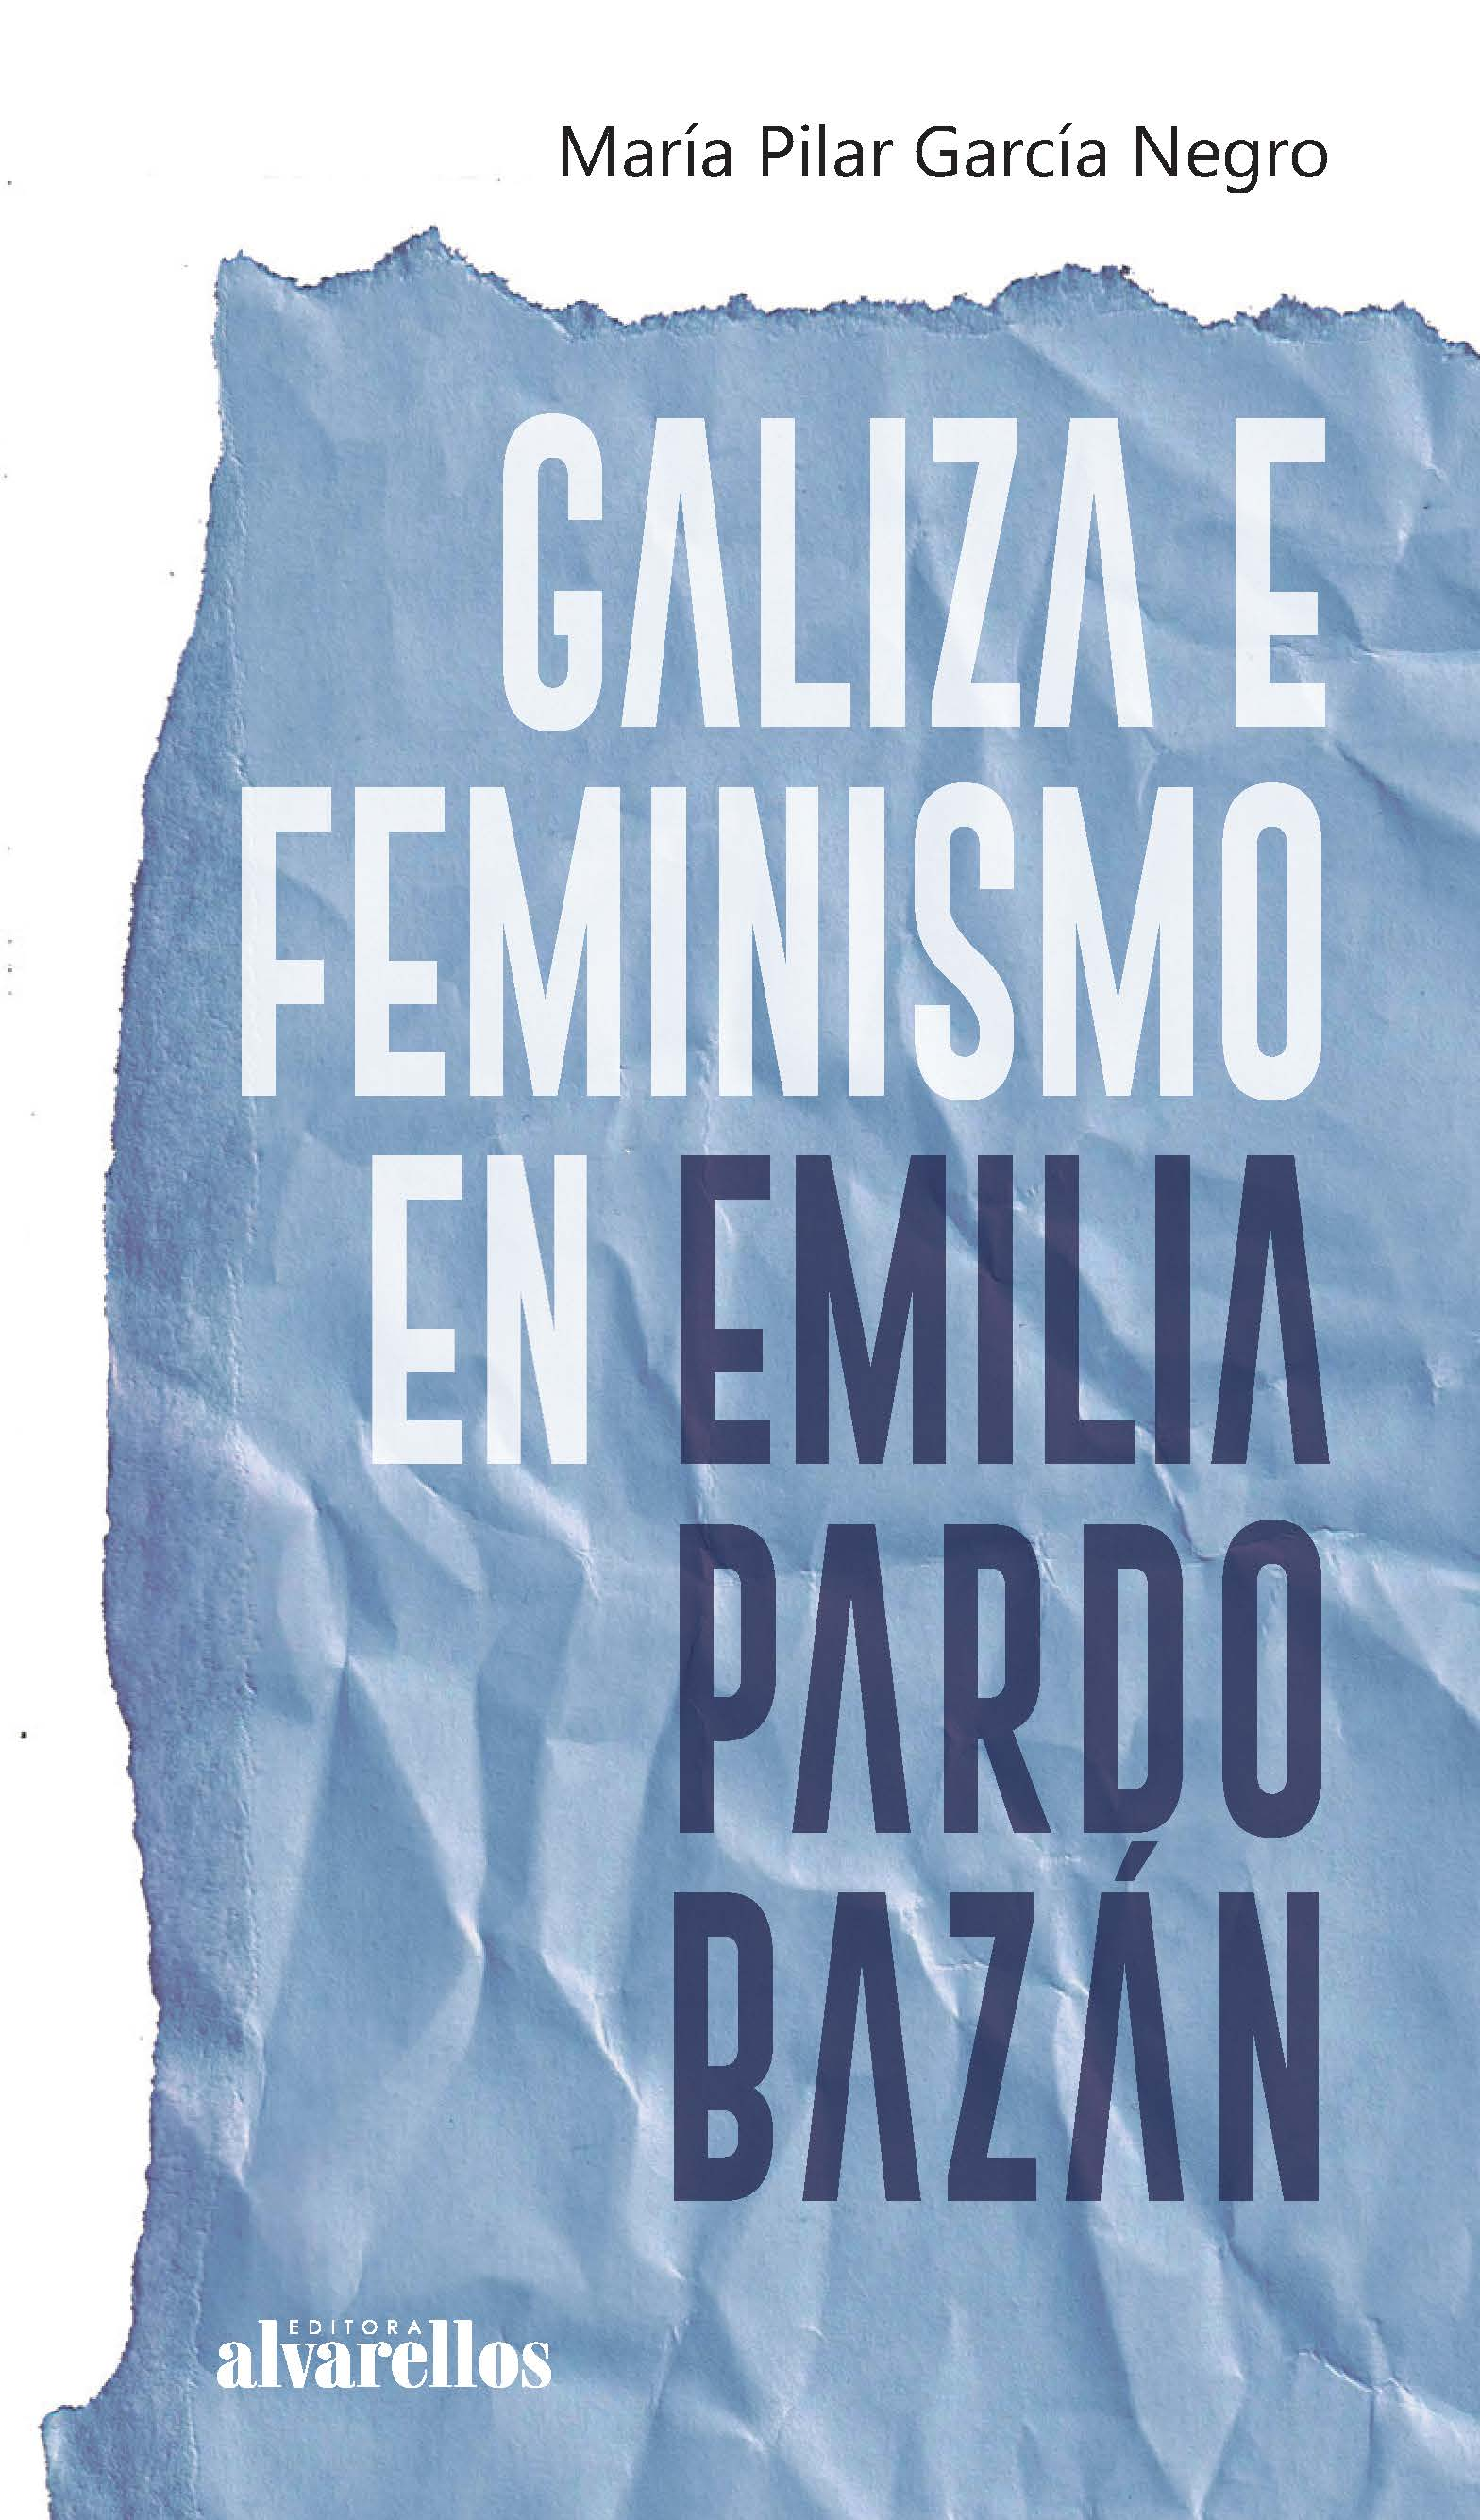 GALIZA E FEMINISMO EN EMILIA PARDO BAZÁN